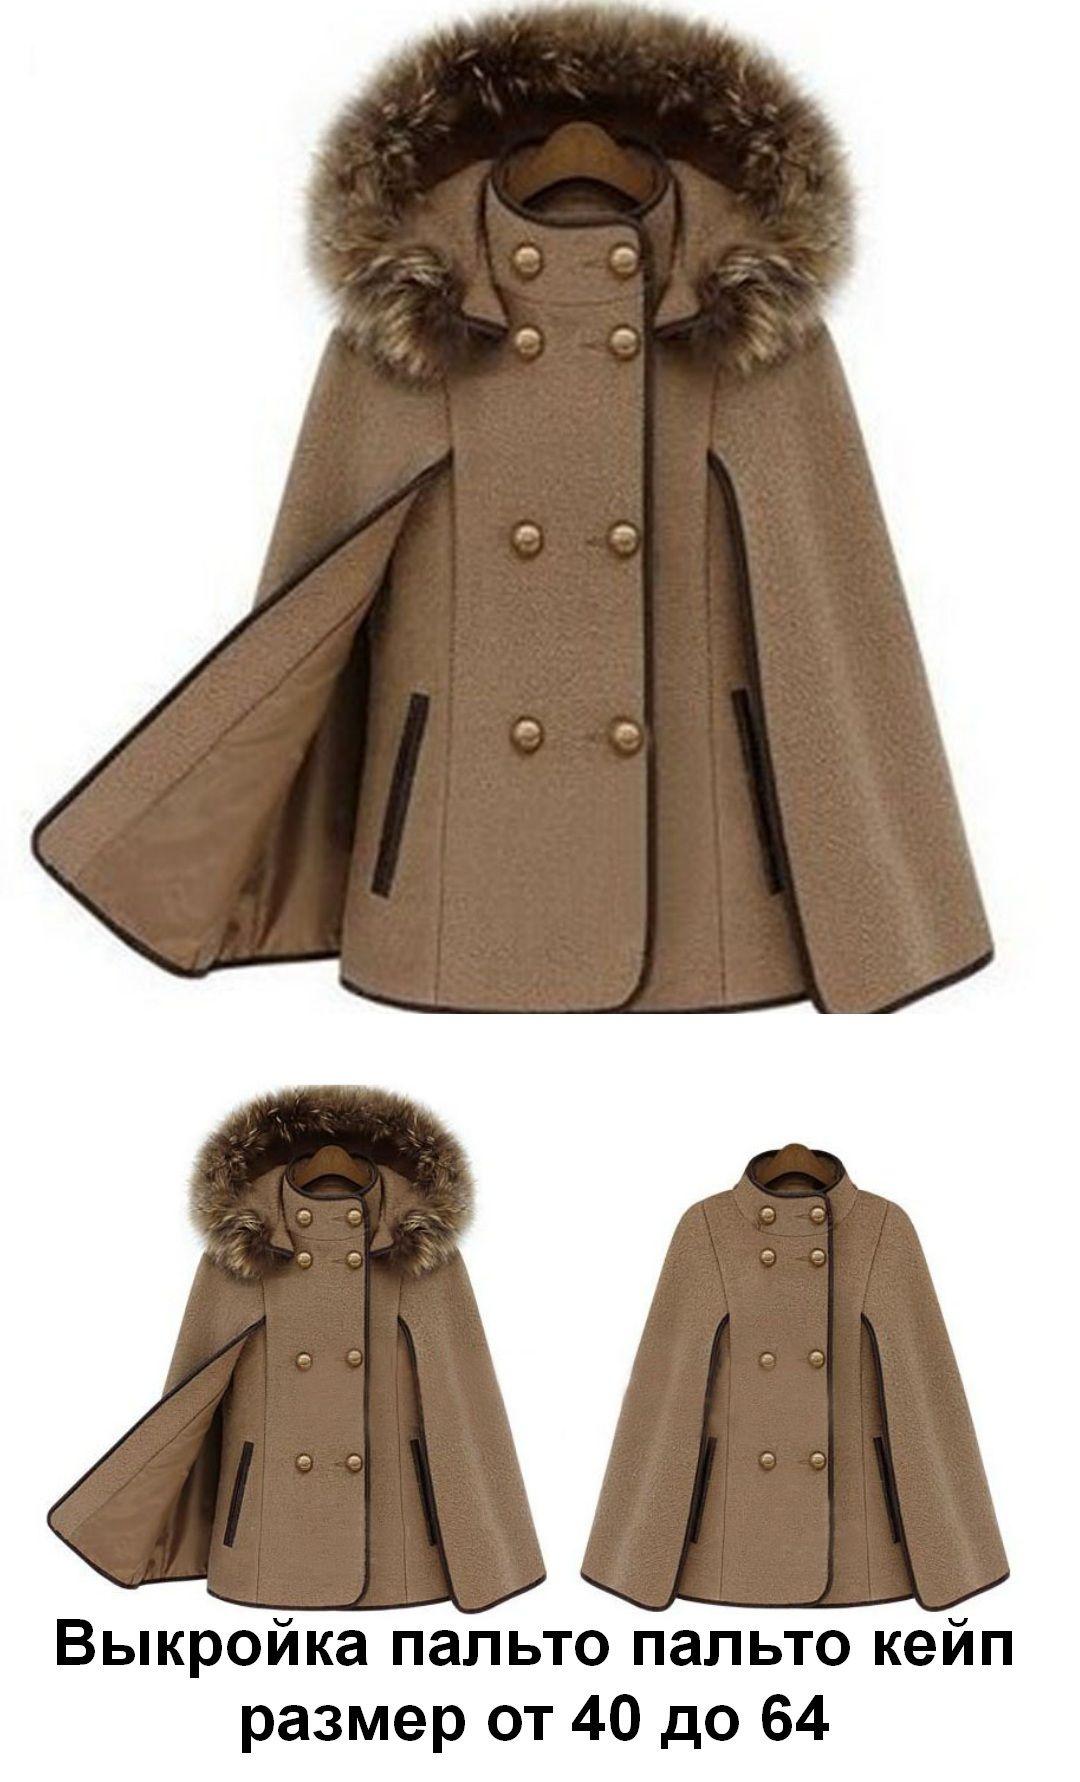 ️ ПДФ файл для распечатывания выкройки стильного пальто ...